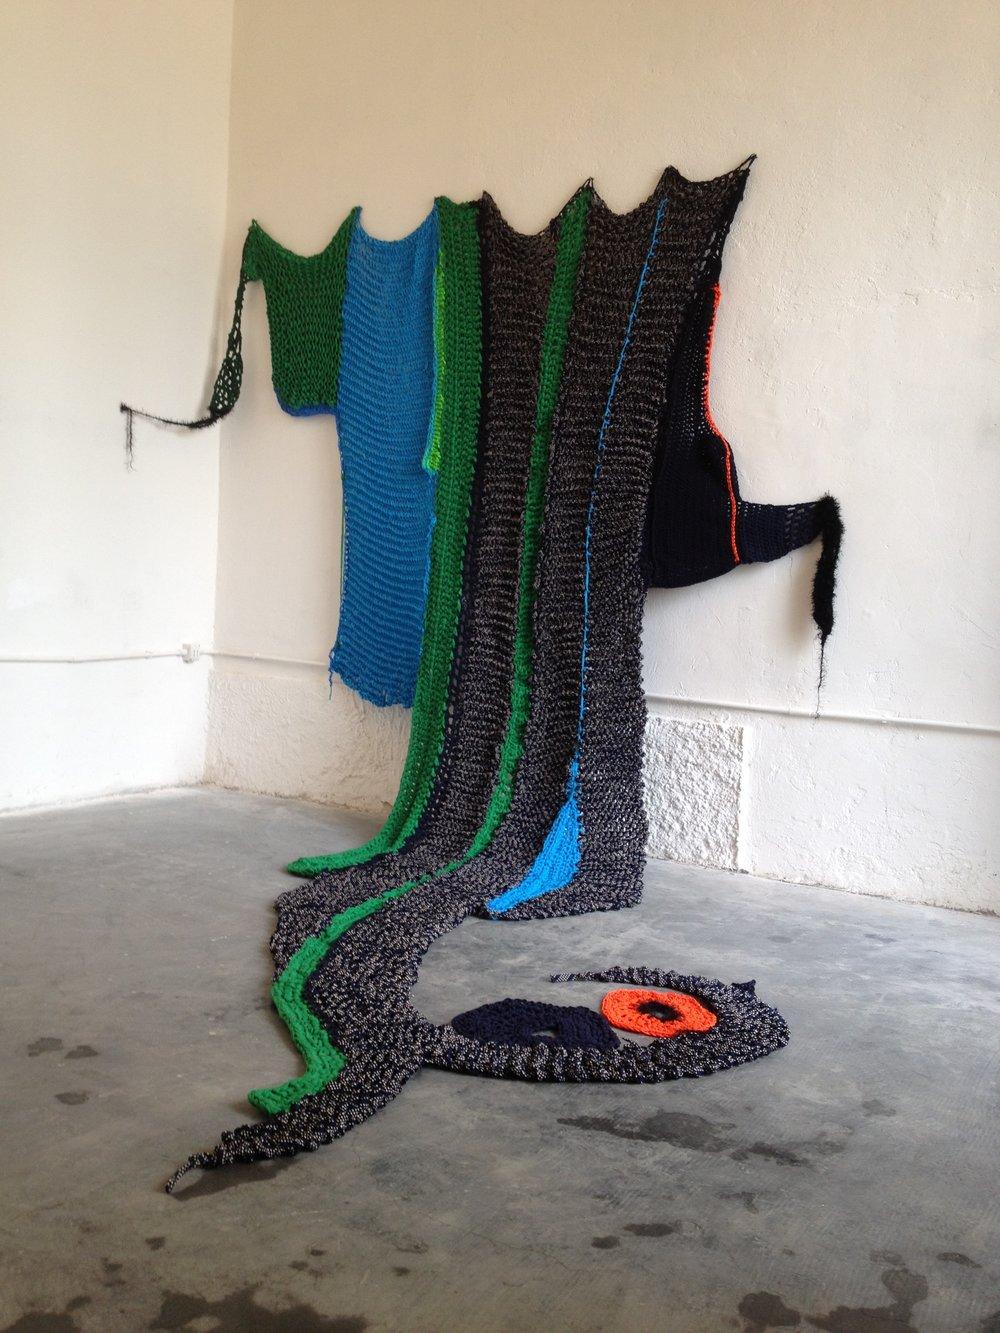 Exhibition @ Fabrica del vapore, Milan, with Tiziana Casteluzzo, Elena Zonca. Foto: Sheila Pepe